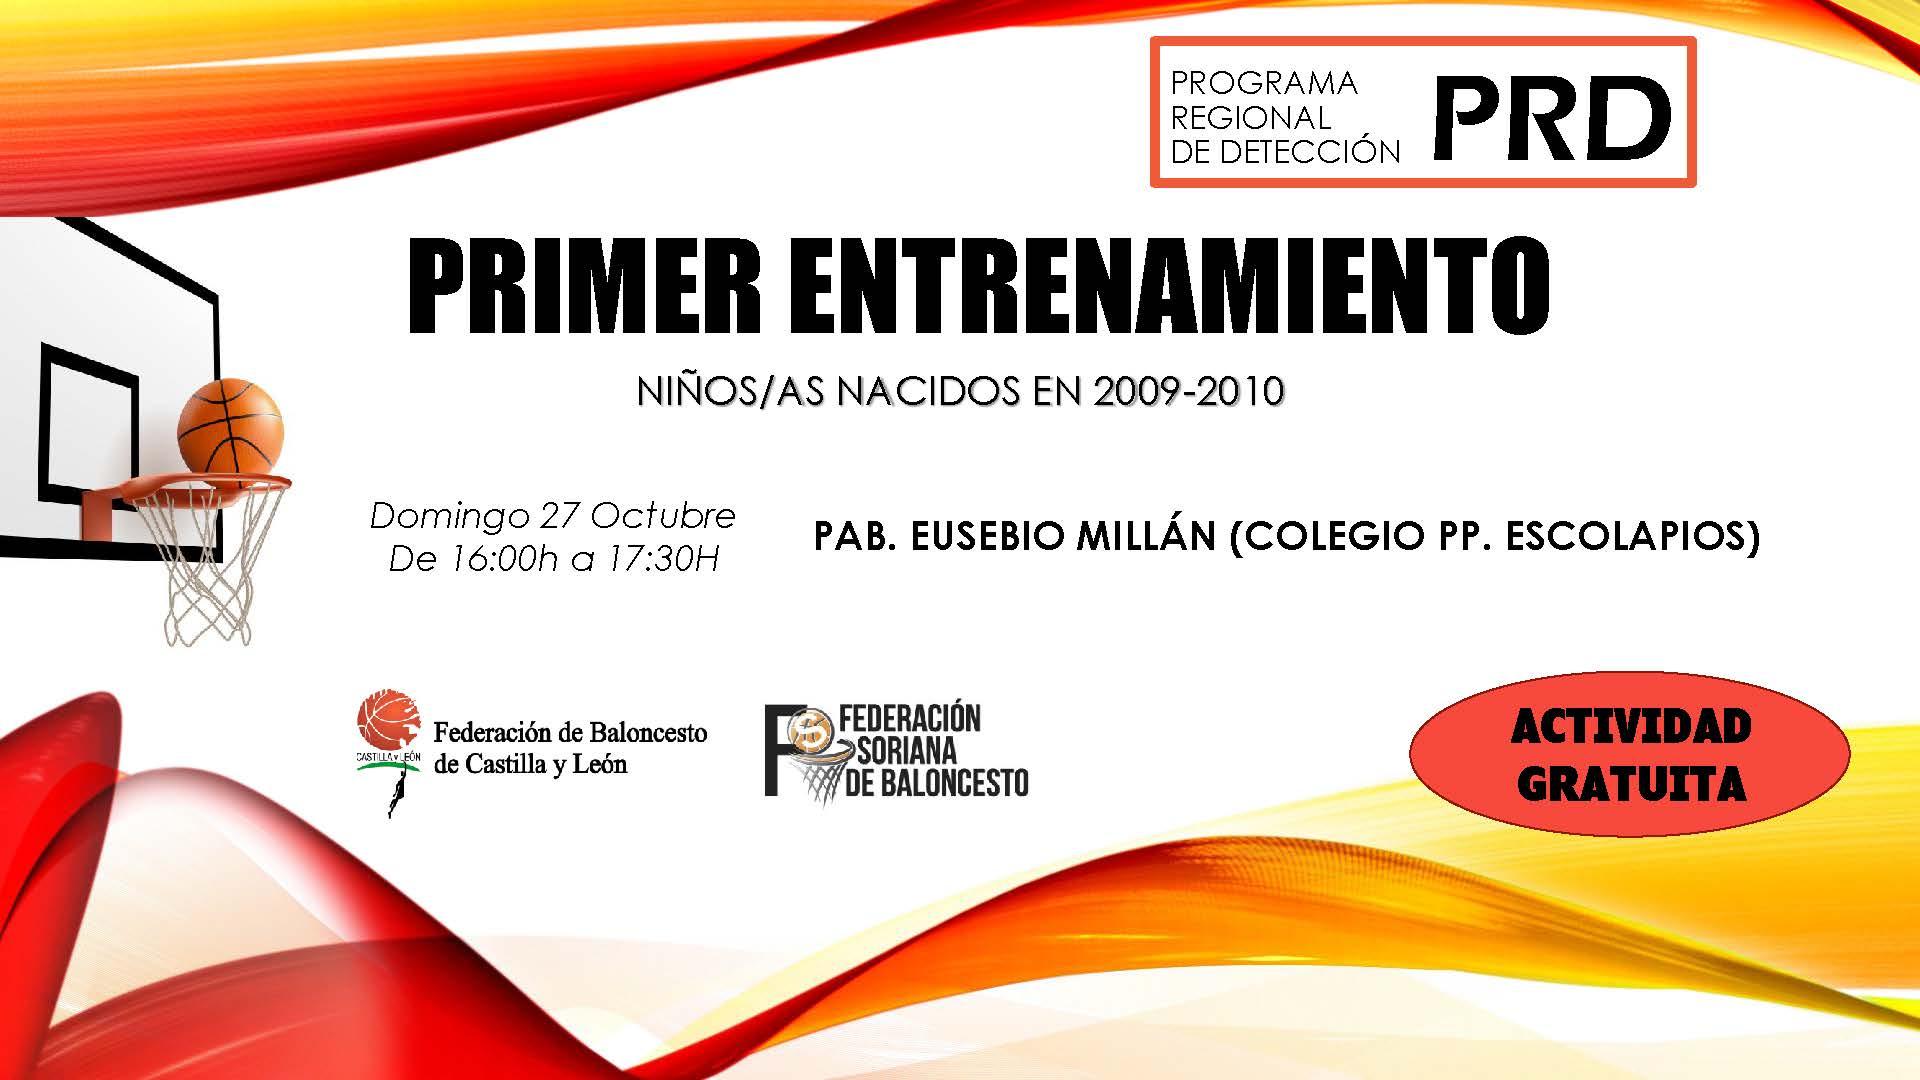 PRD - PROGRAMA REGIONAL DE DETECCIÓN 2019-2020